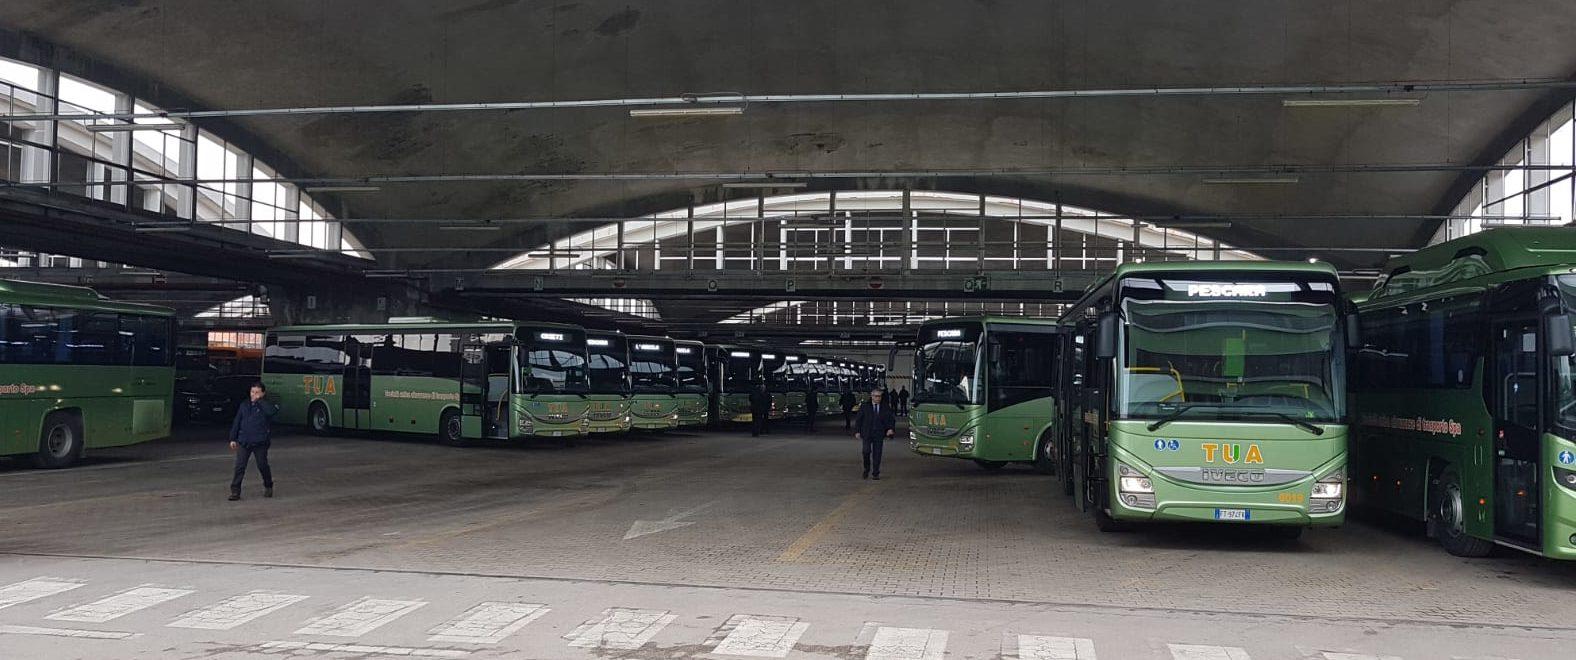 TUA, trentasette nuovi bus dotati di sistemi di digitalizzazione per l'ammodernamento della flotta, sei sono destinati all'area marsicana